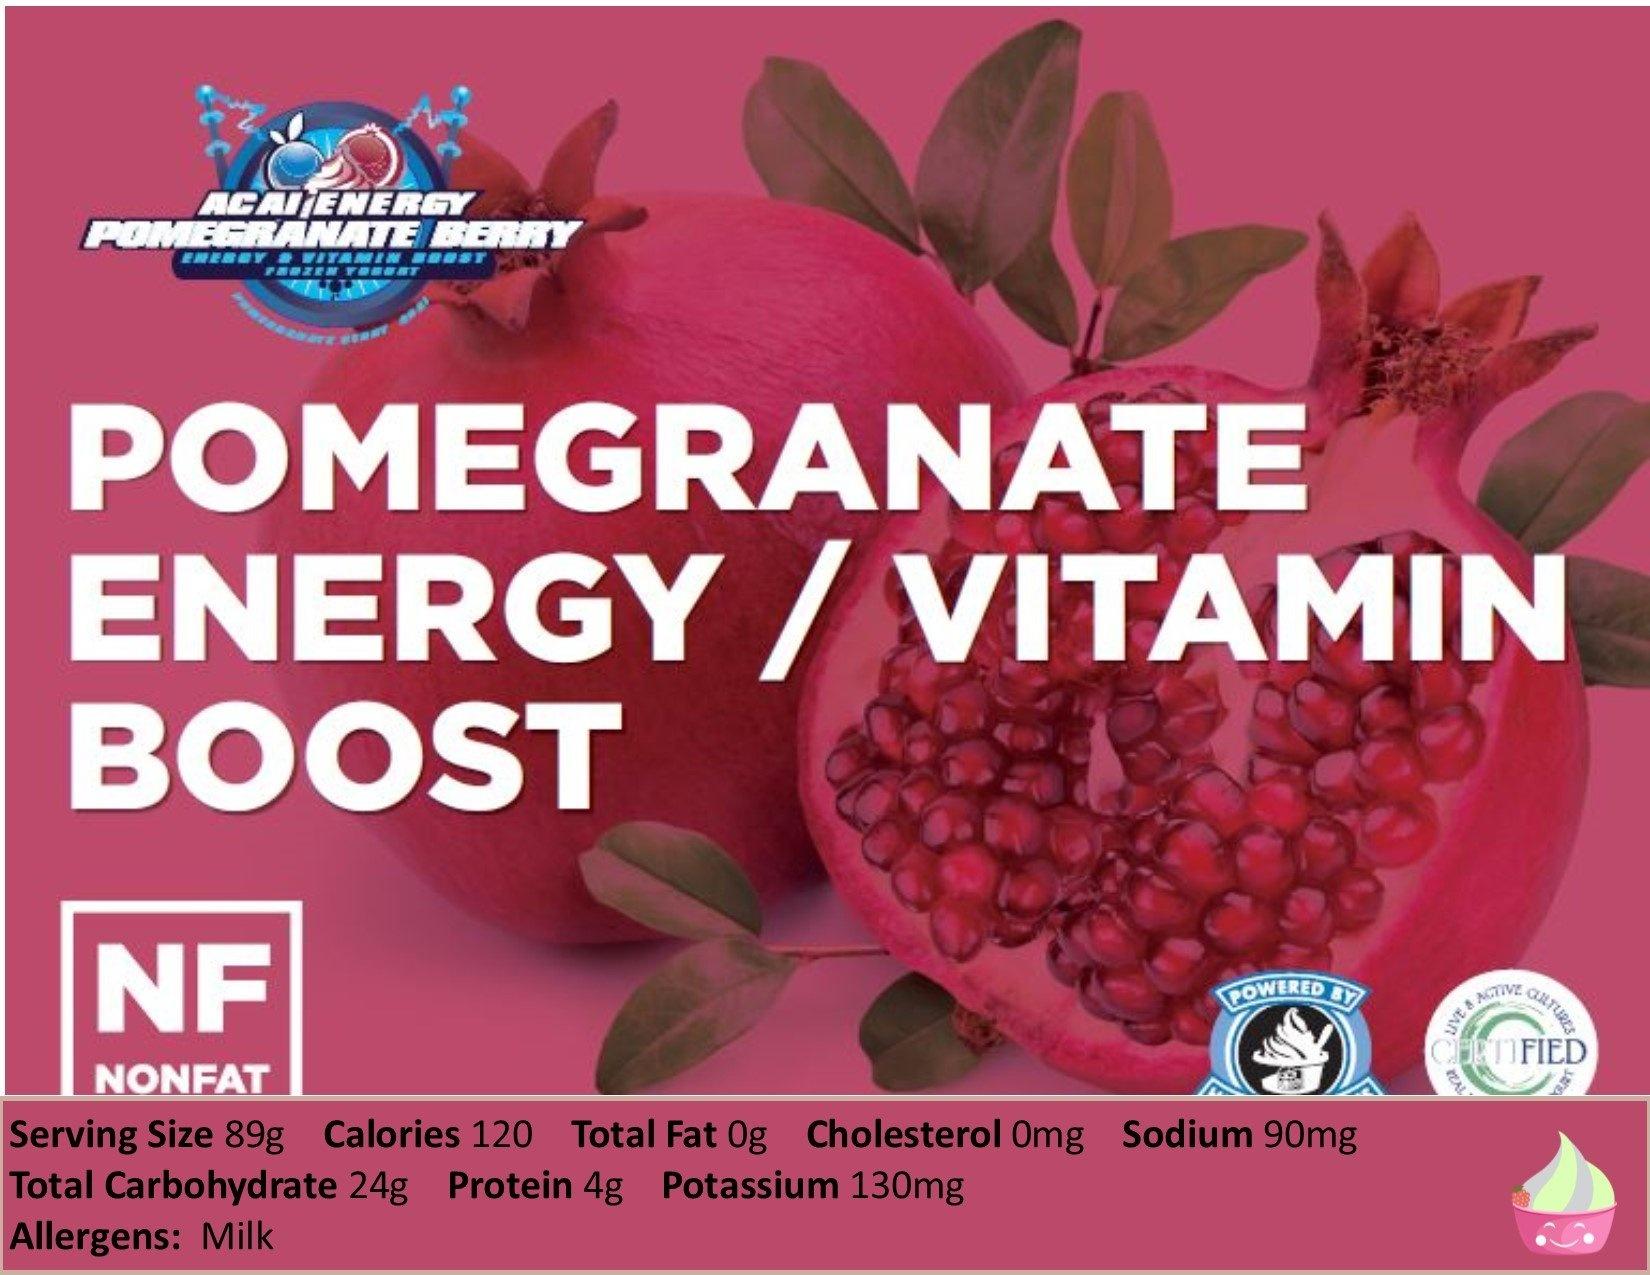 https://0201.nccdn.net/4_2/000/000/038/2d3/Pomegranate-Energy-NF-1650x1275-1650x1275.jpg